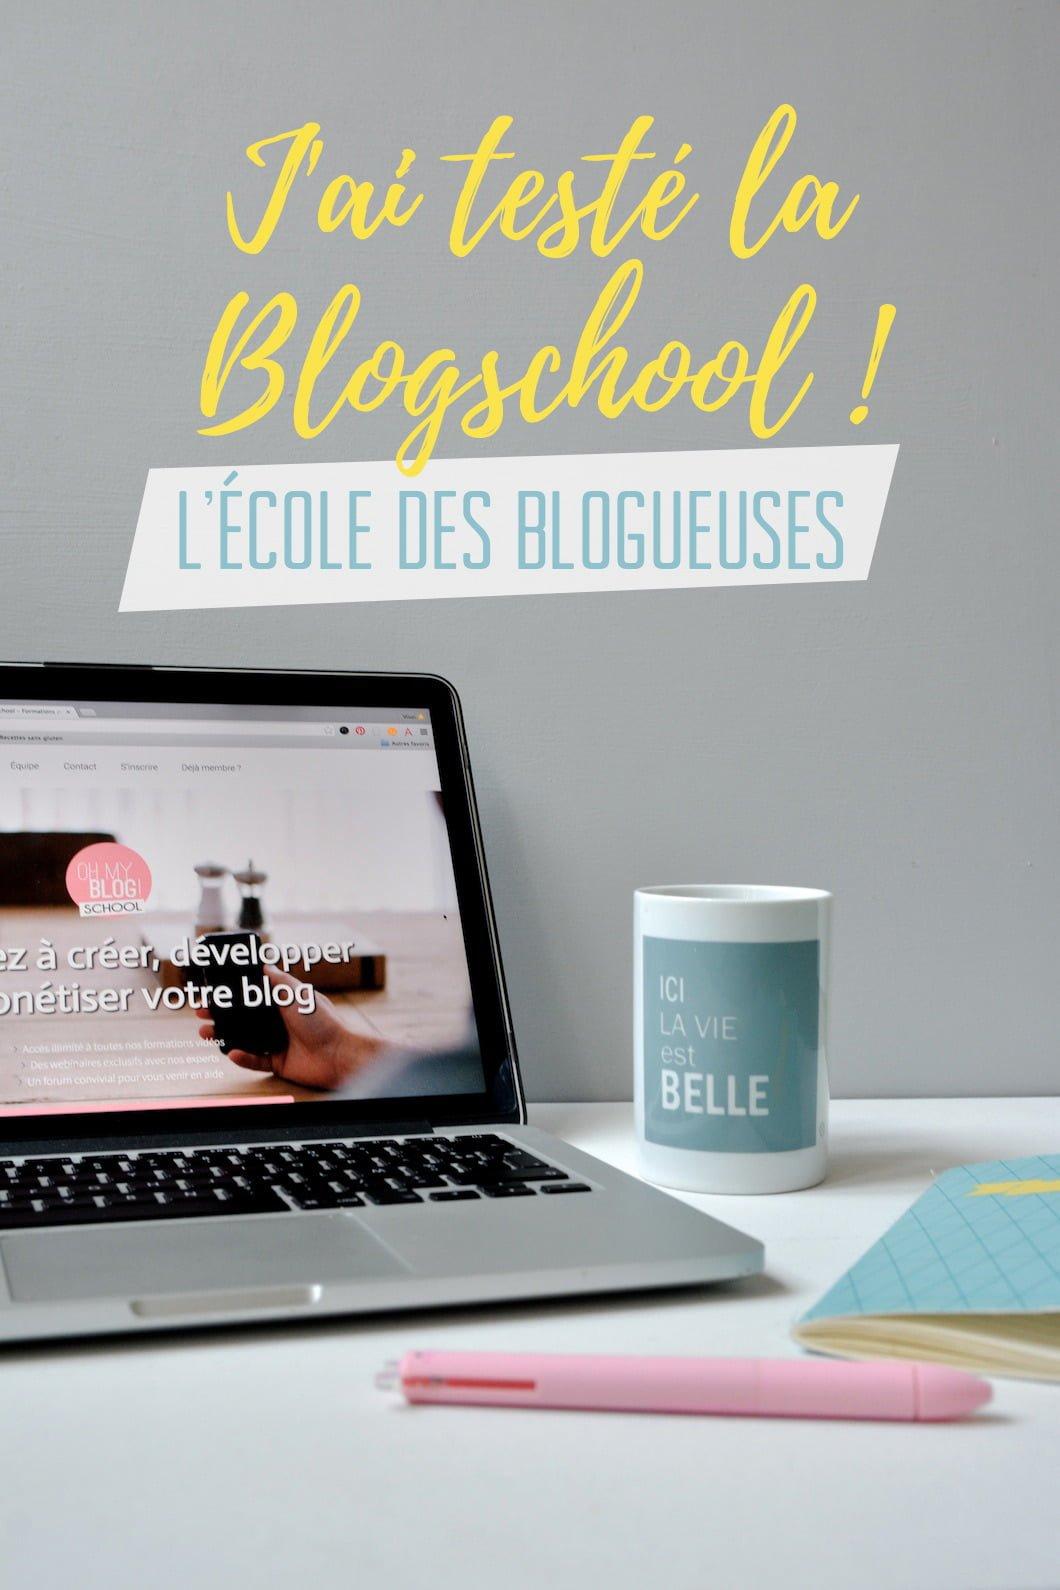 J'ai testé la Blogschool, l'école des blogueuses ! - 22 v'la Scarlett